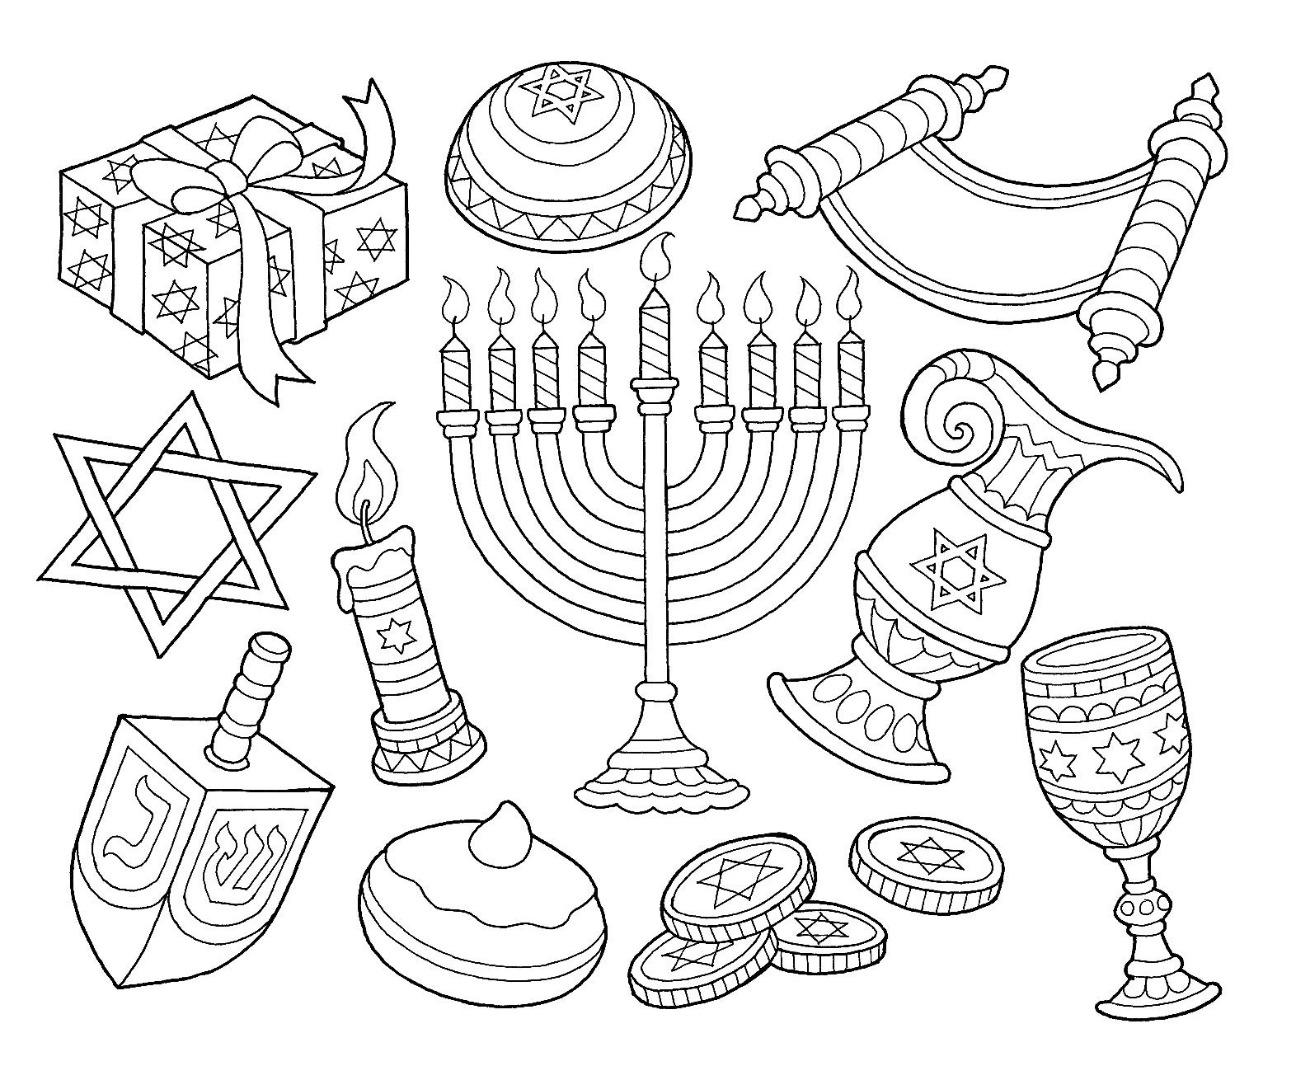 Hanukkah Drawing at GetDrawings.com | Free for personal use Hanukkah ...